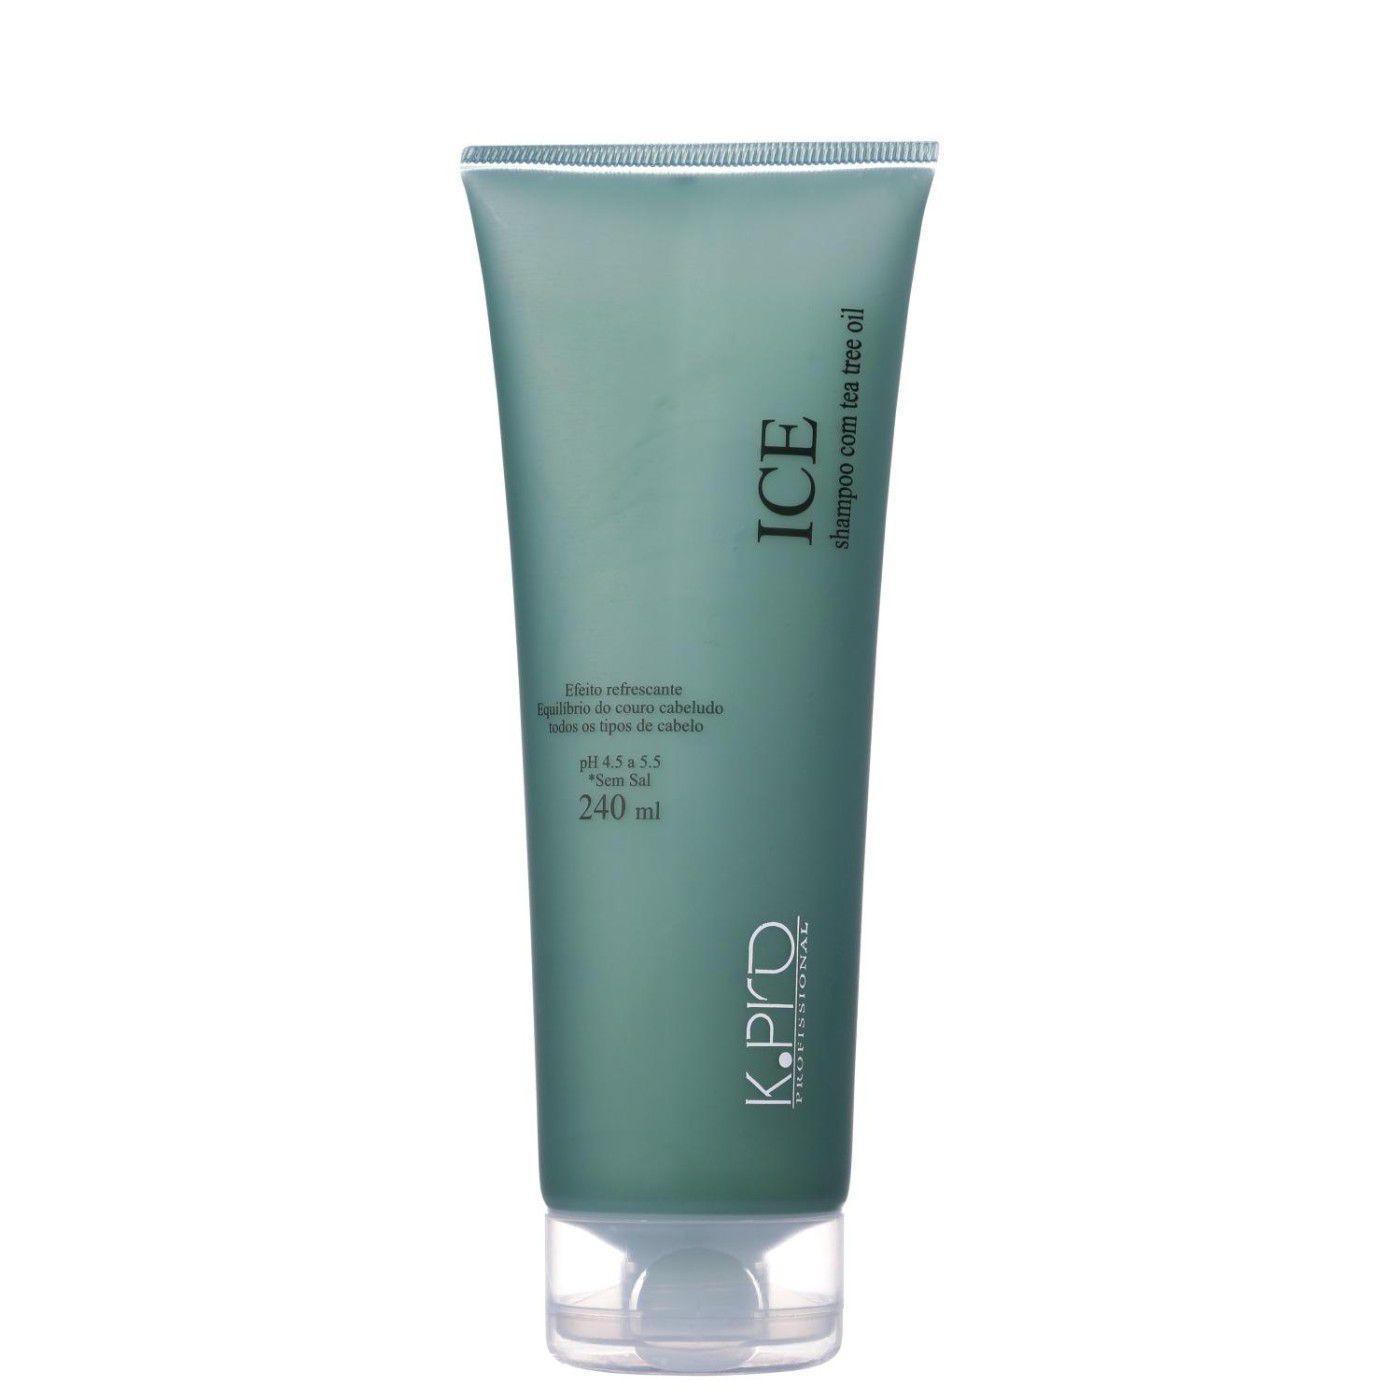 ICE K.Pro Shampoo com Efeito Refrescante 240 ml